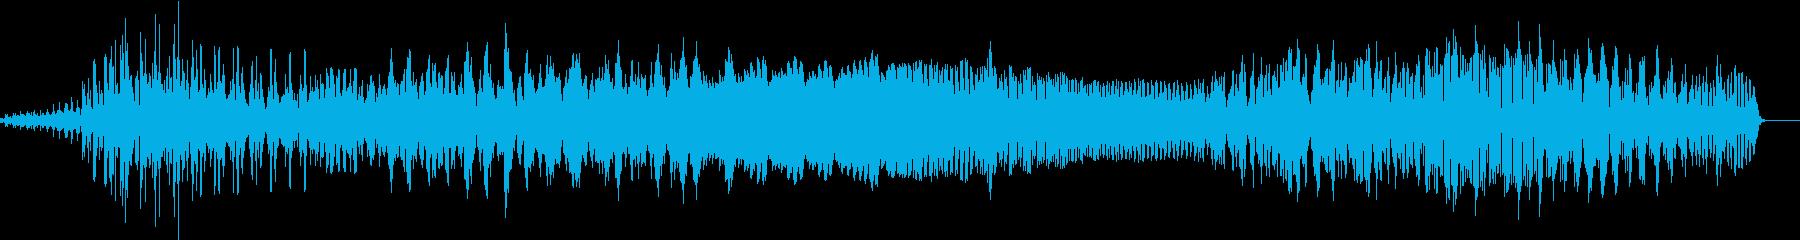 うぉおお!の再生済みの波形